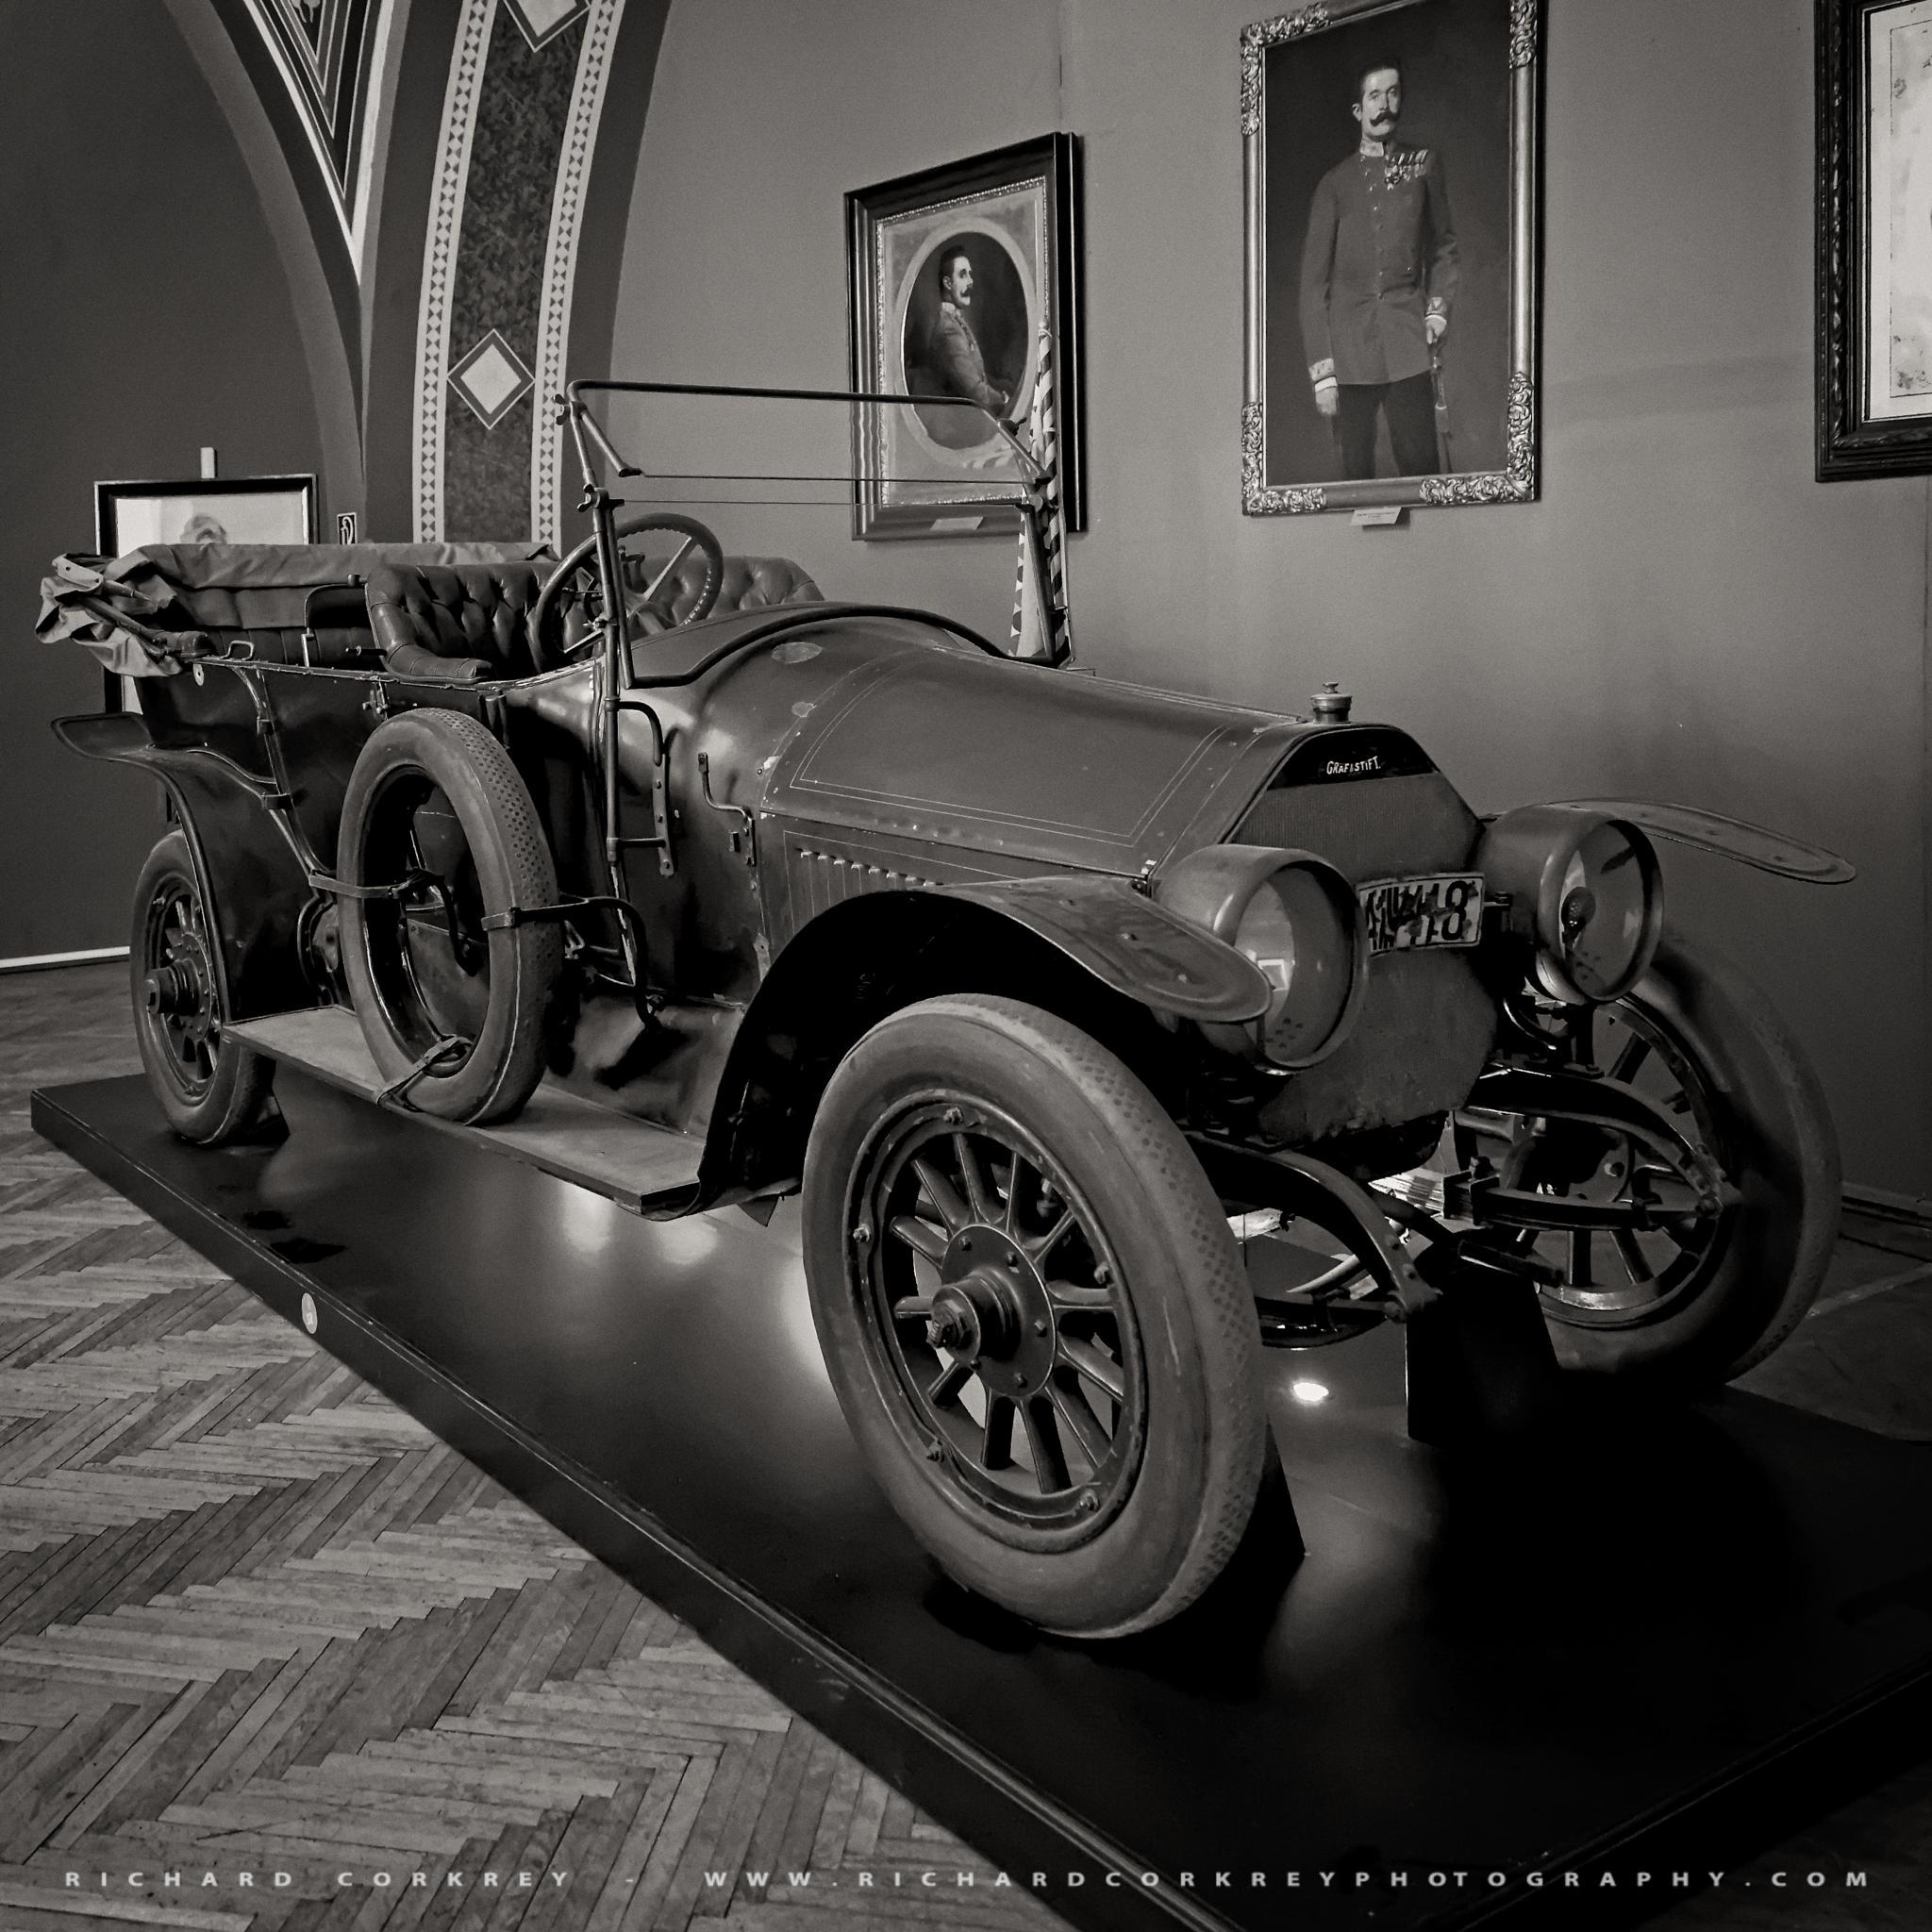 Franz Ferdinand's Car by Richard Corkrey